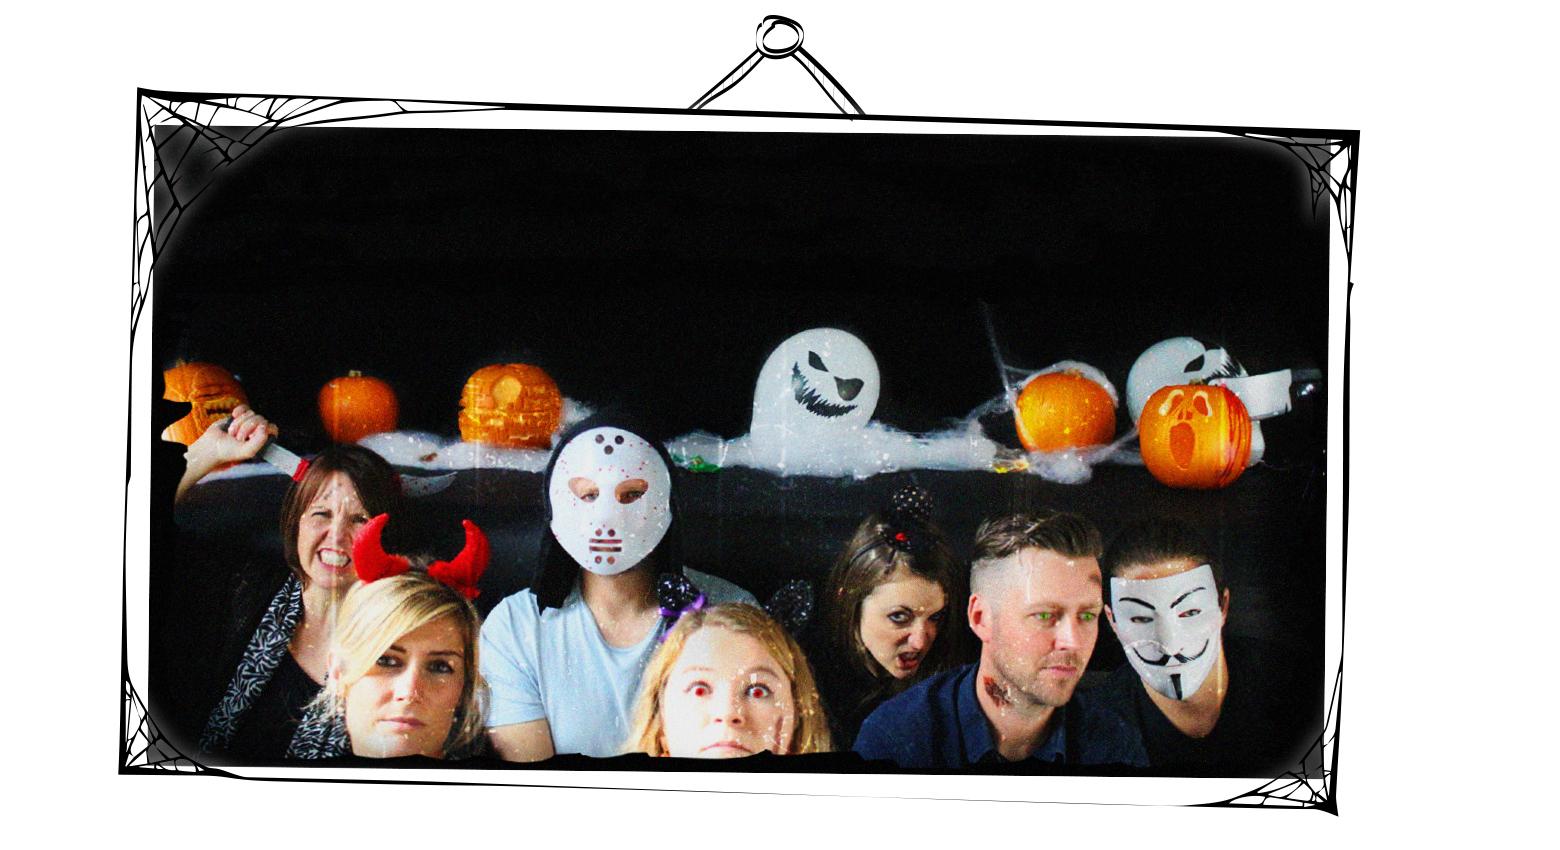 Halloween-at-Bopgun-2016team